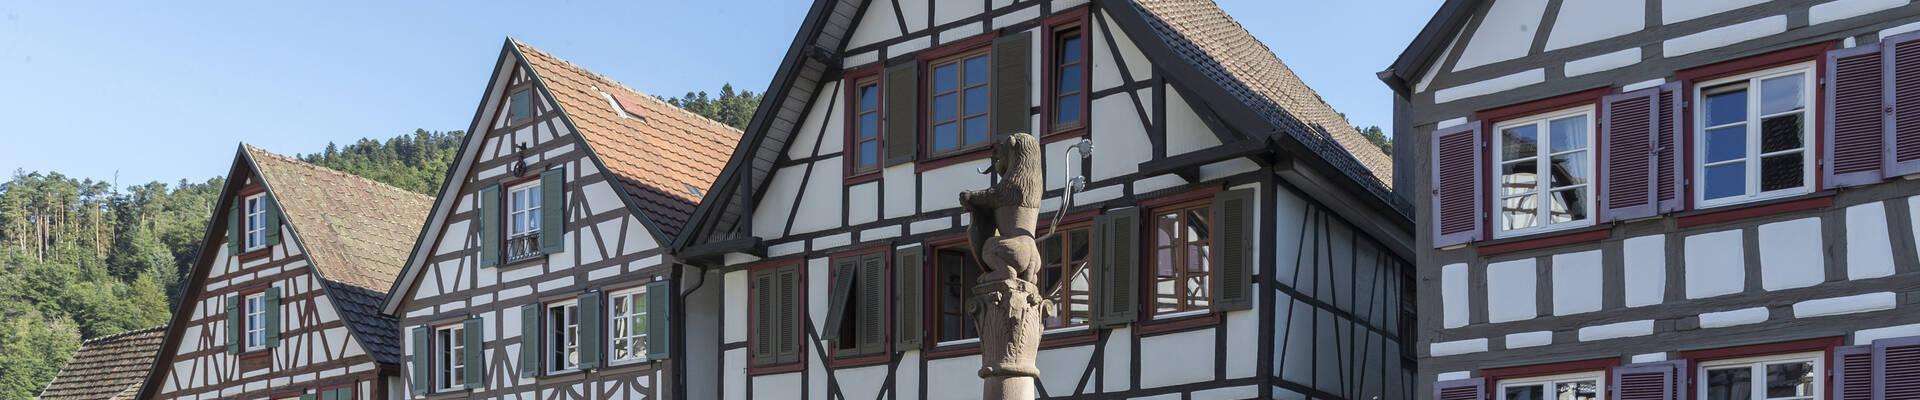 汉斯格雅集团所在地希尔塔赫 。